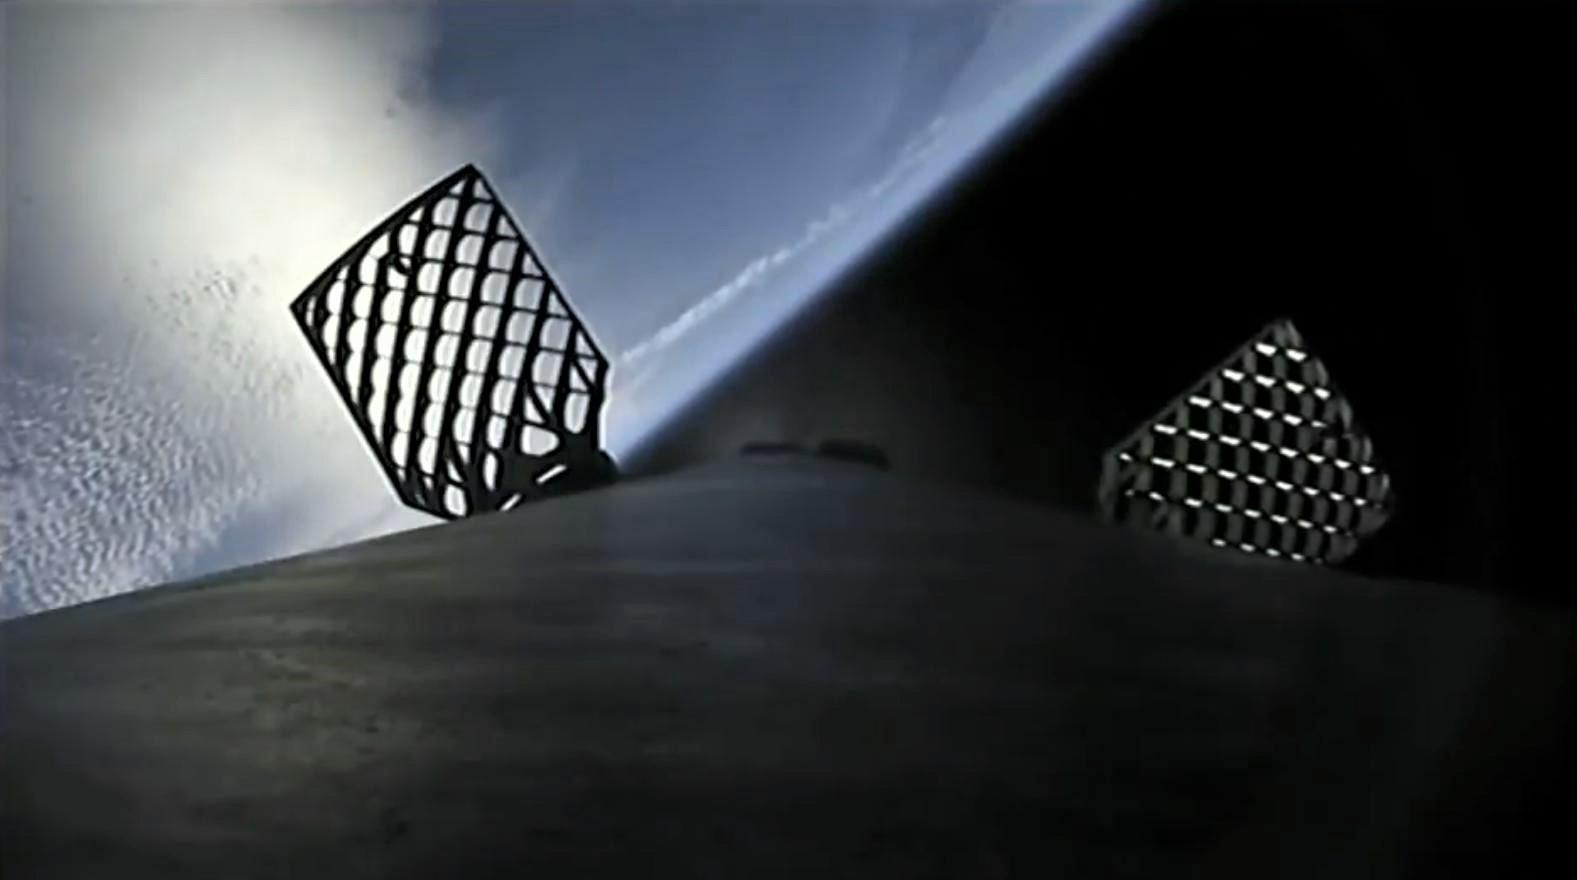 Falcon 9 B1046 SSO-A MECO + boostback (SpaceX) 3